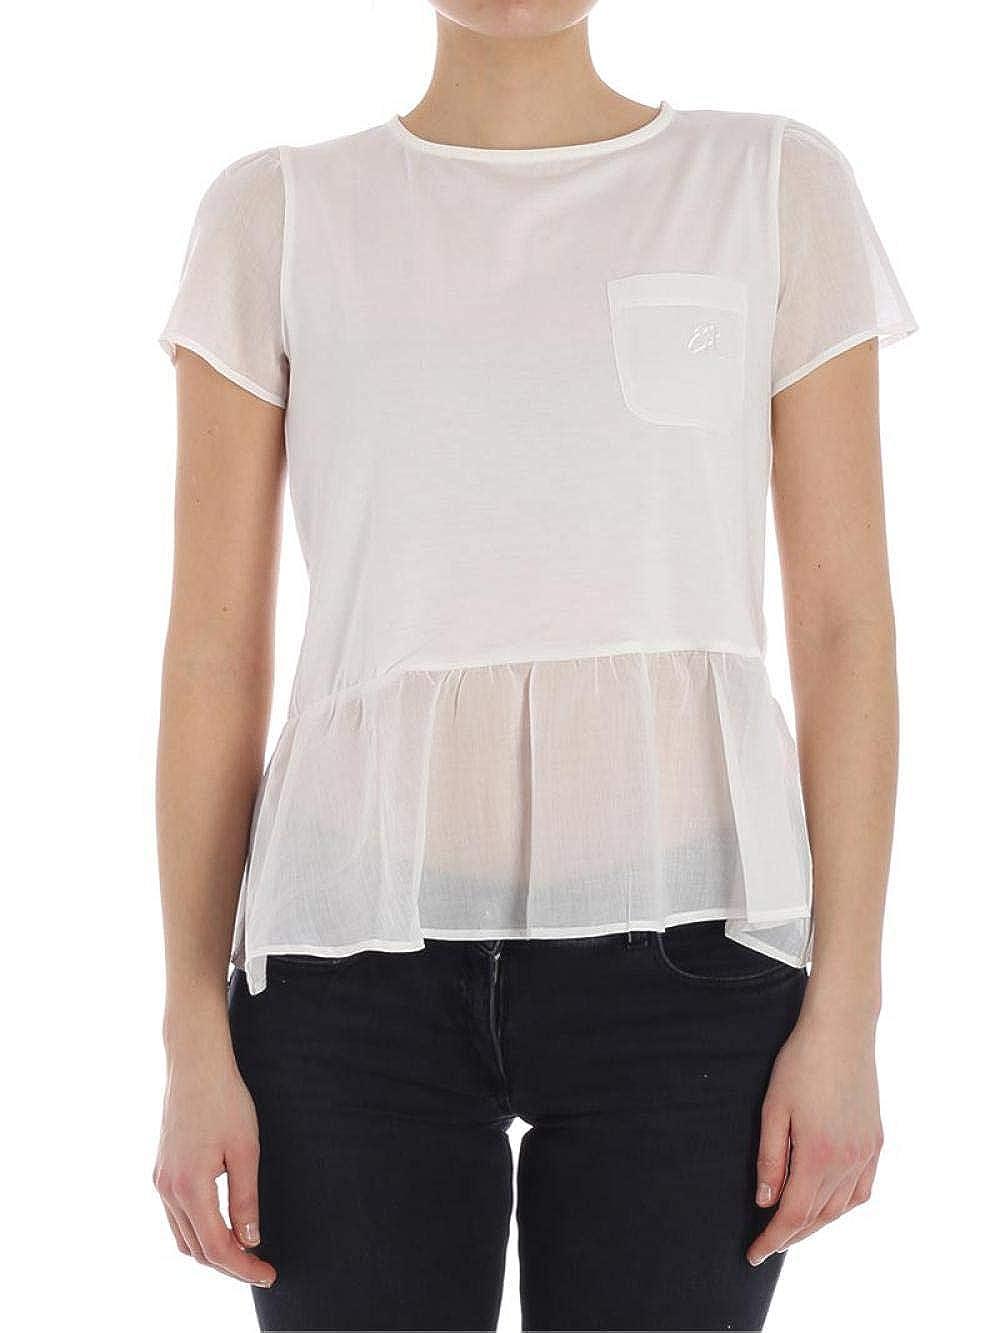 Emporio Armani T-Shirt Donna Bianca 3Z2M64 2J02Z